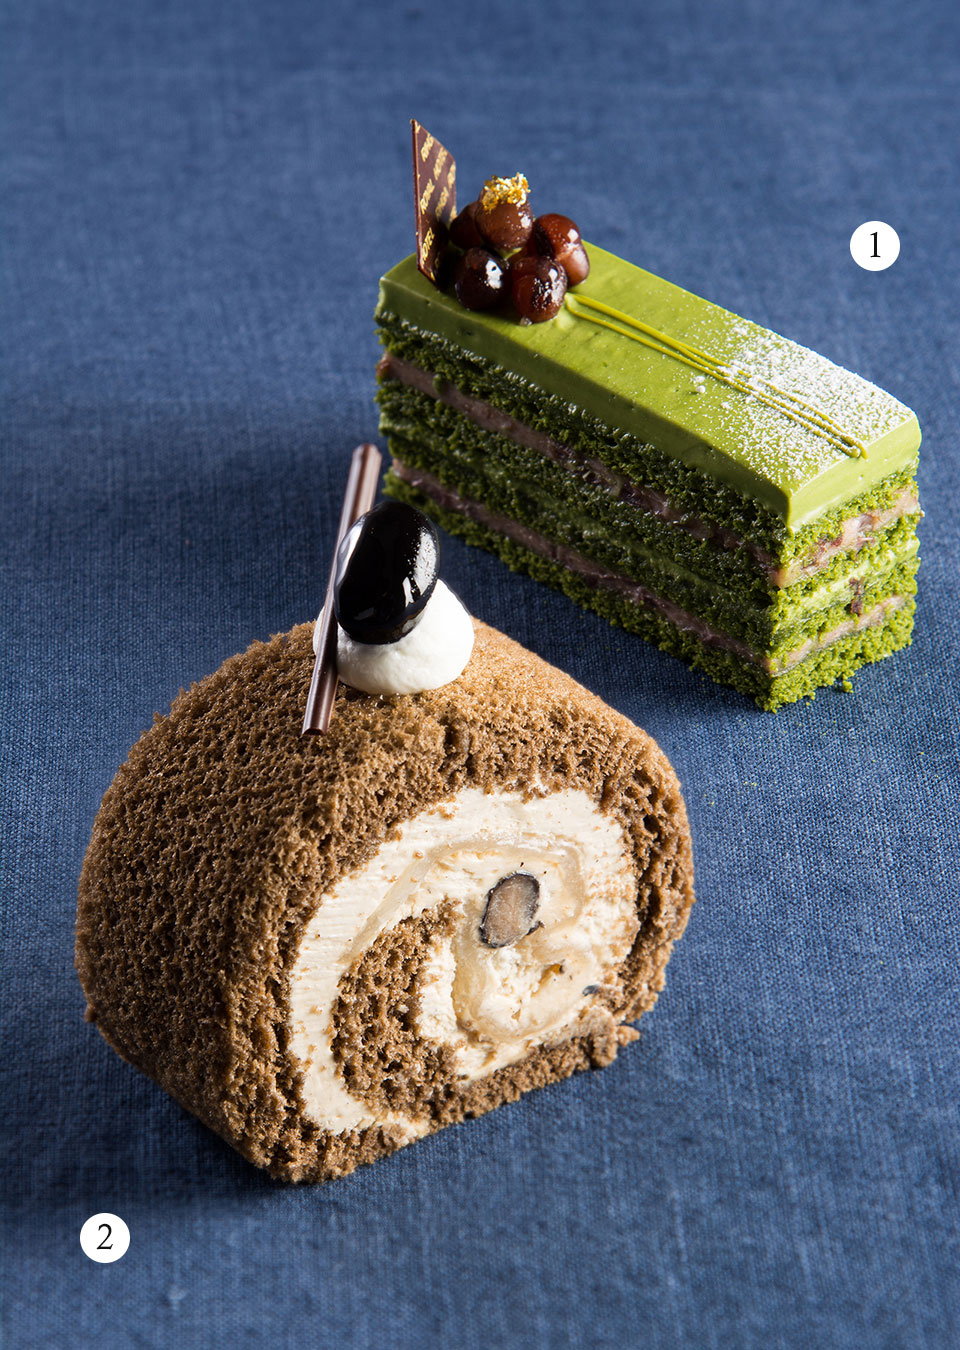 ①和束抹茶のオペラ ②和束ほうじ茶のロールケーキ